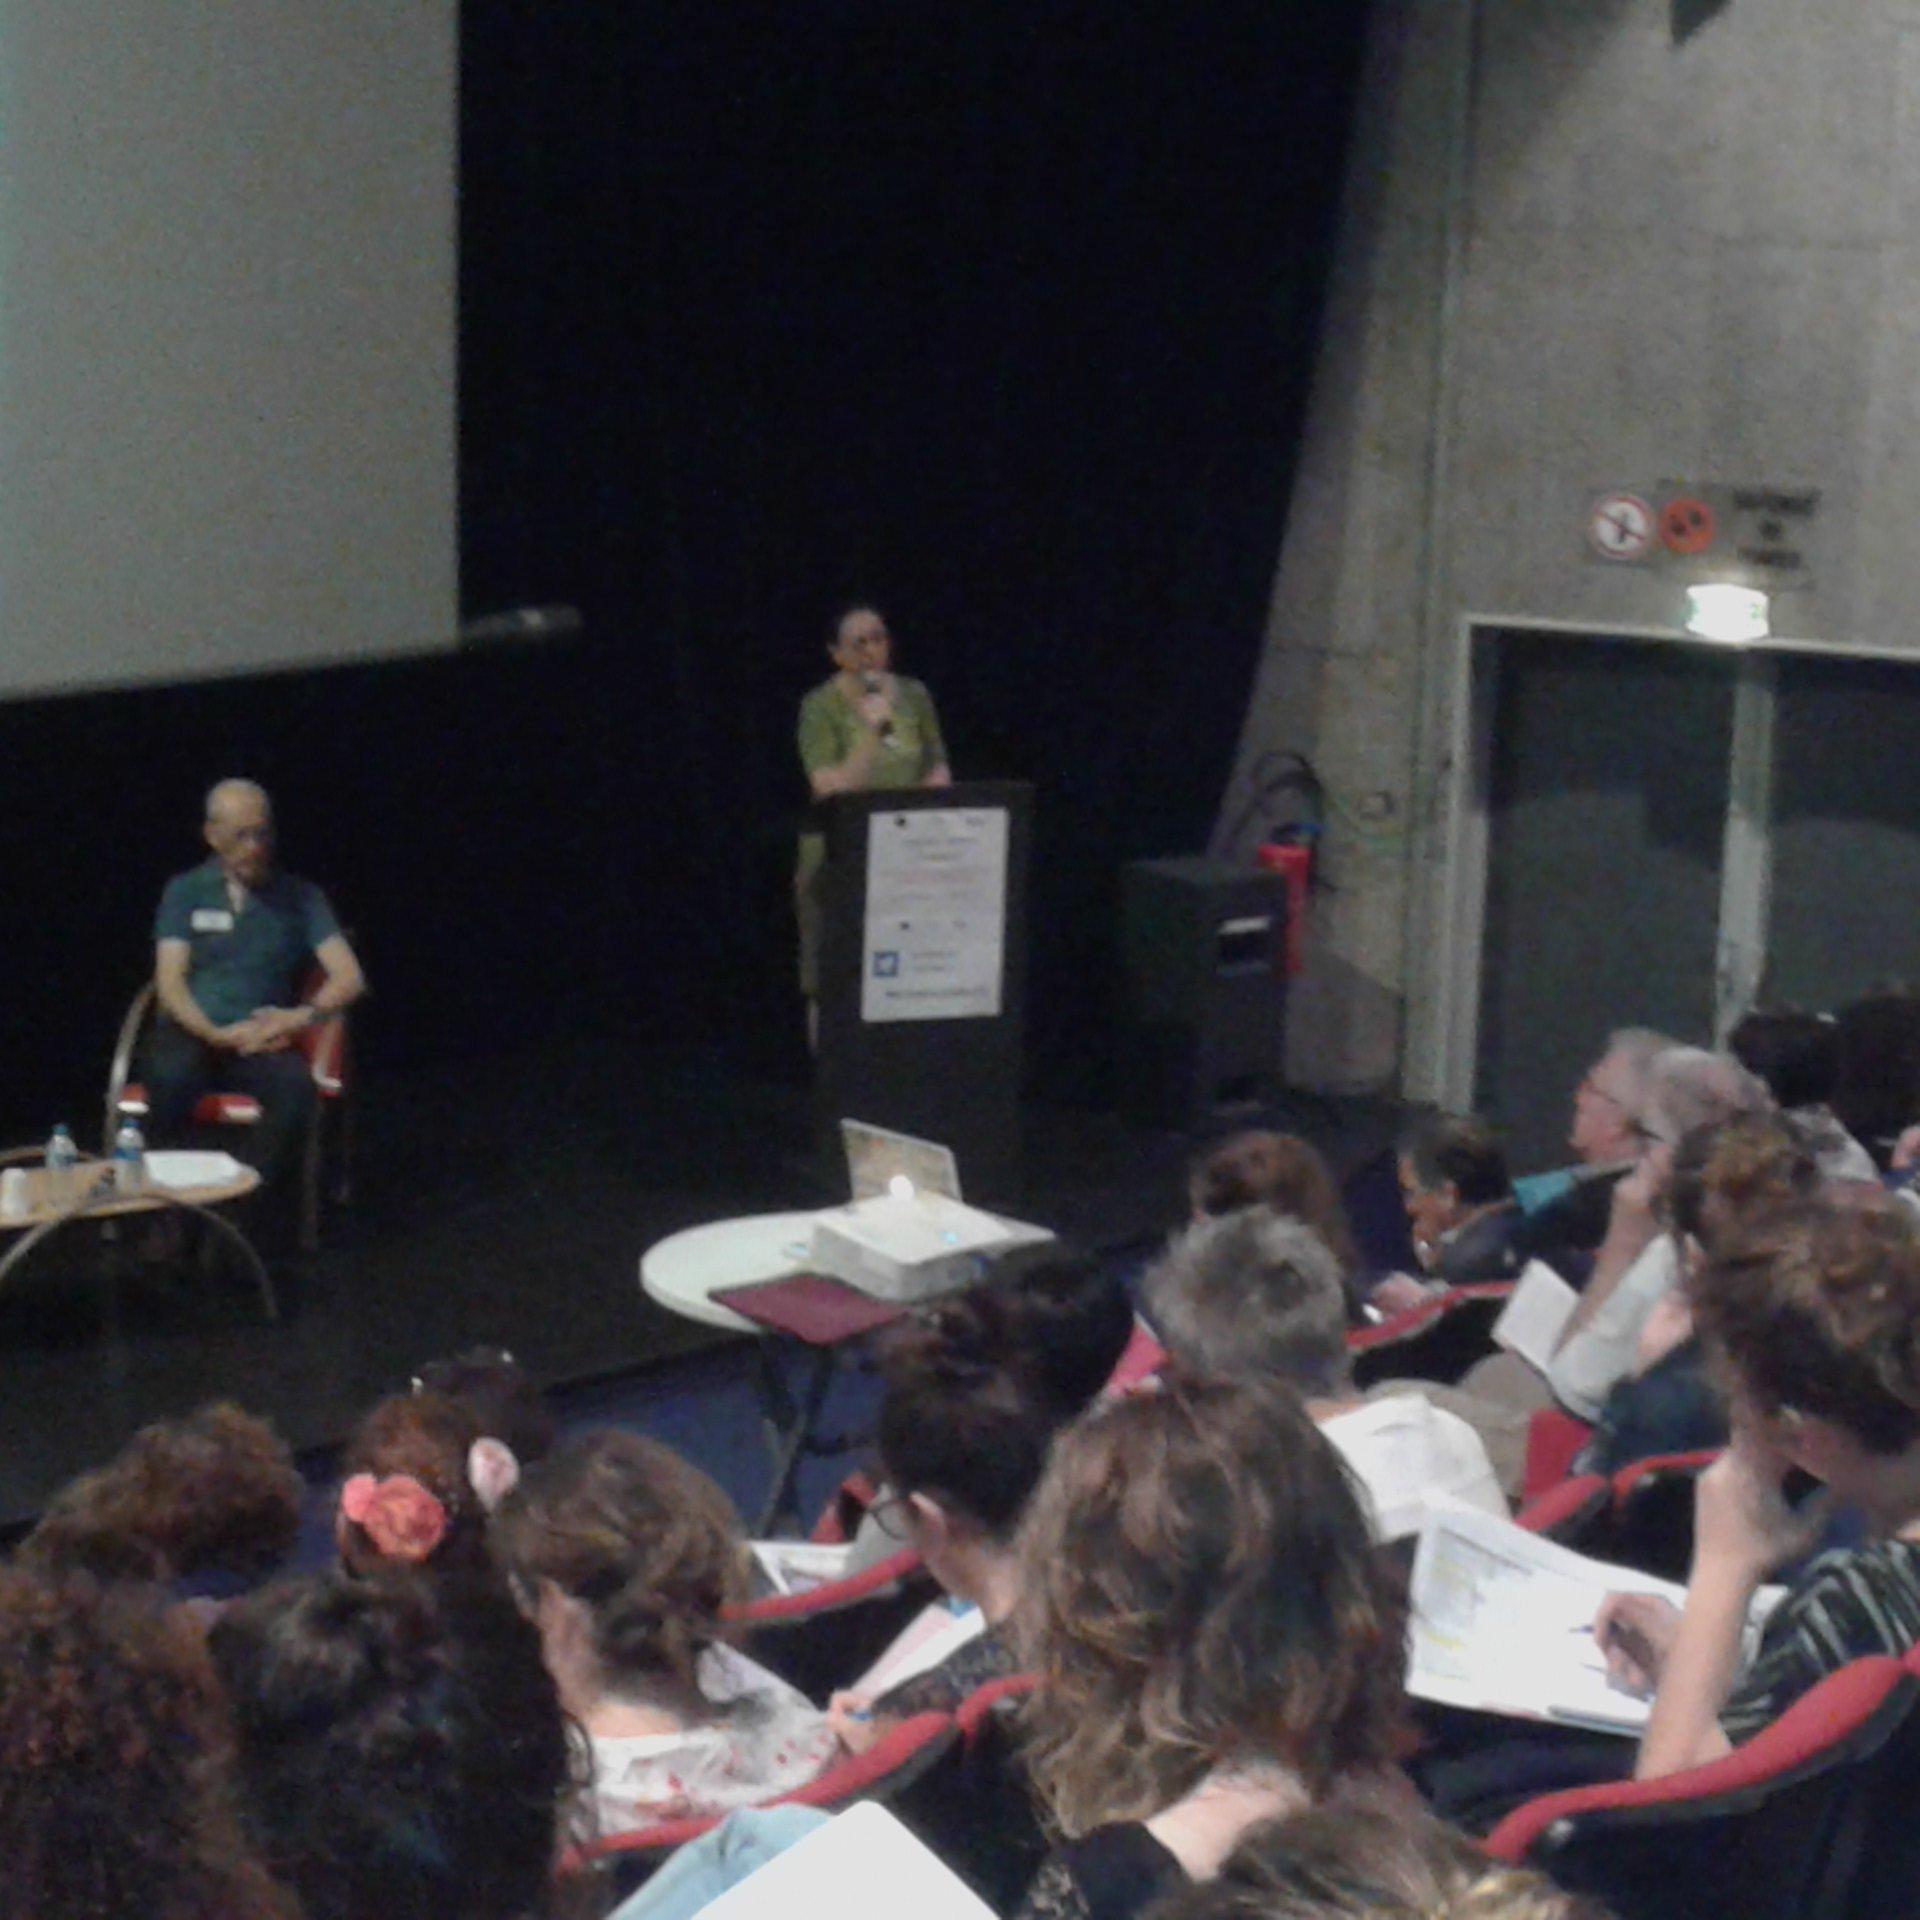 La DRAC Auvergne-Rhône-Alpes a mis en place une démarche de développement de l'éducation aux arts et à la culture > https://t.co/OiBNb77ja6 https://t.co/eJyw71yCOa